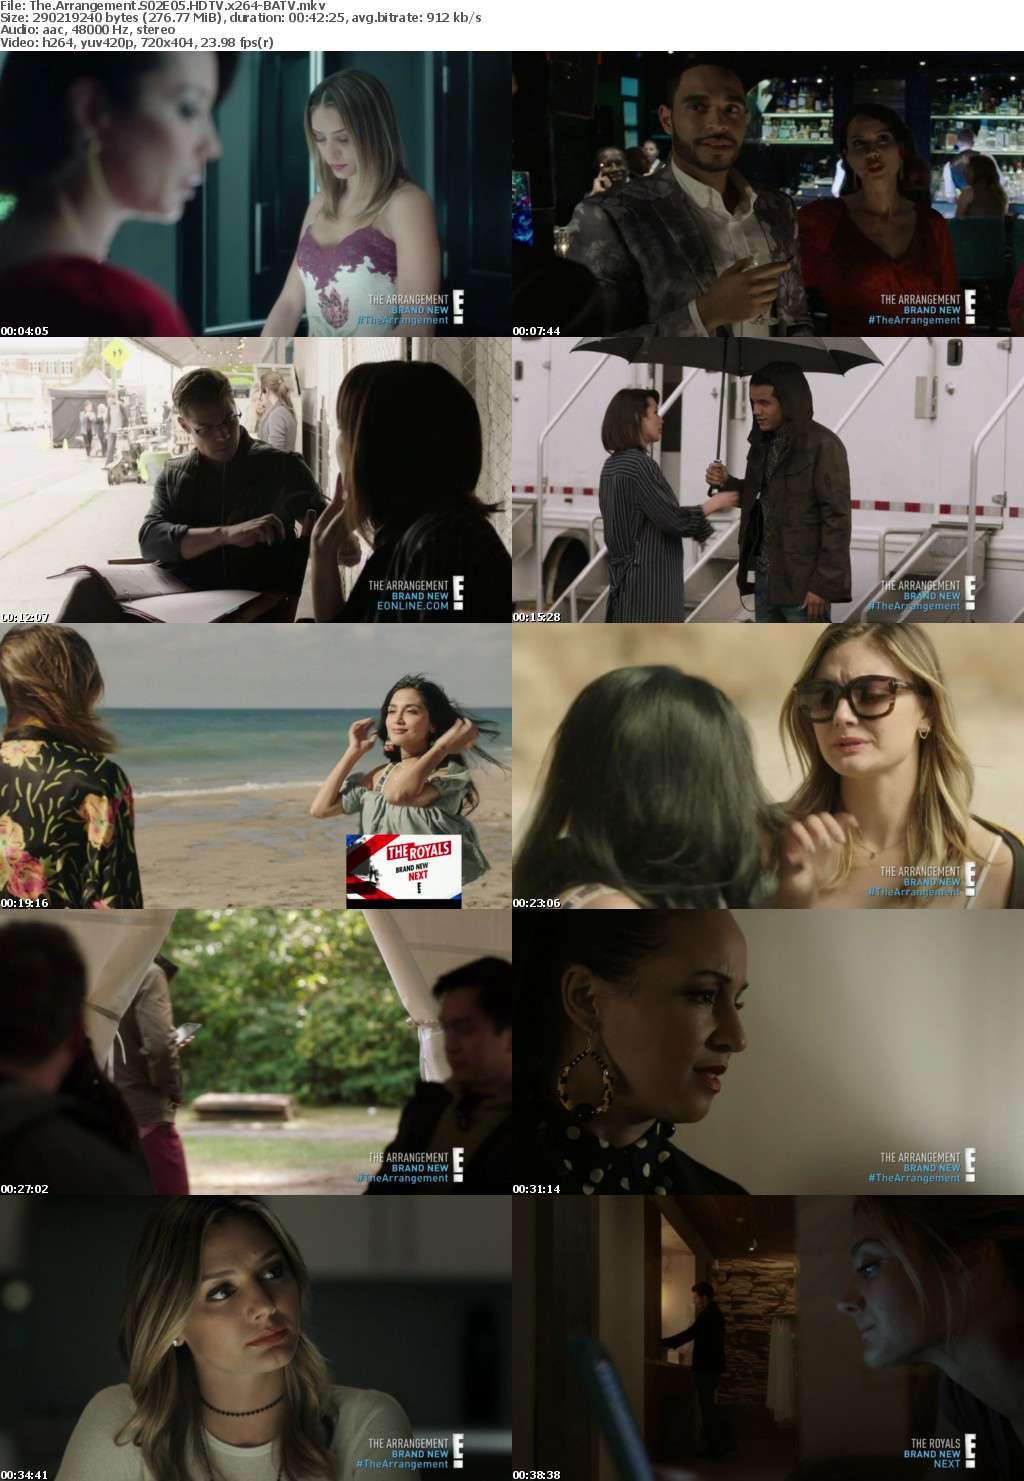 The Arrangement S02E05 HDTV x264-BATV